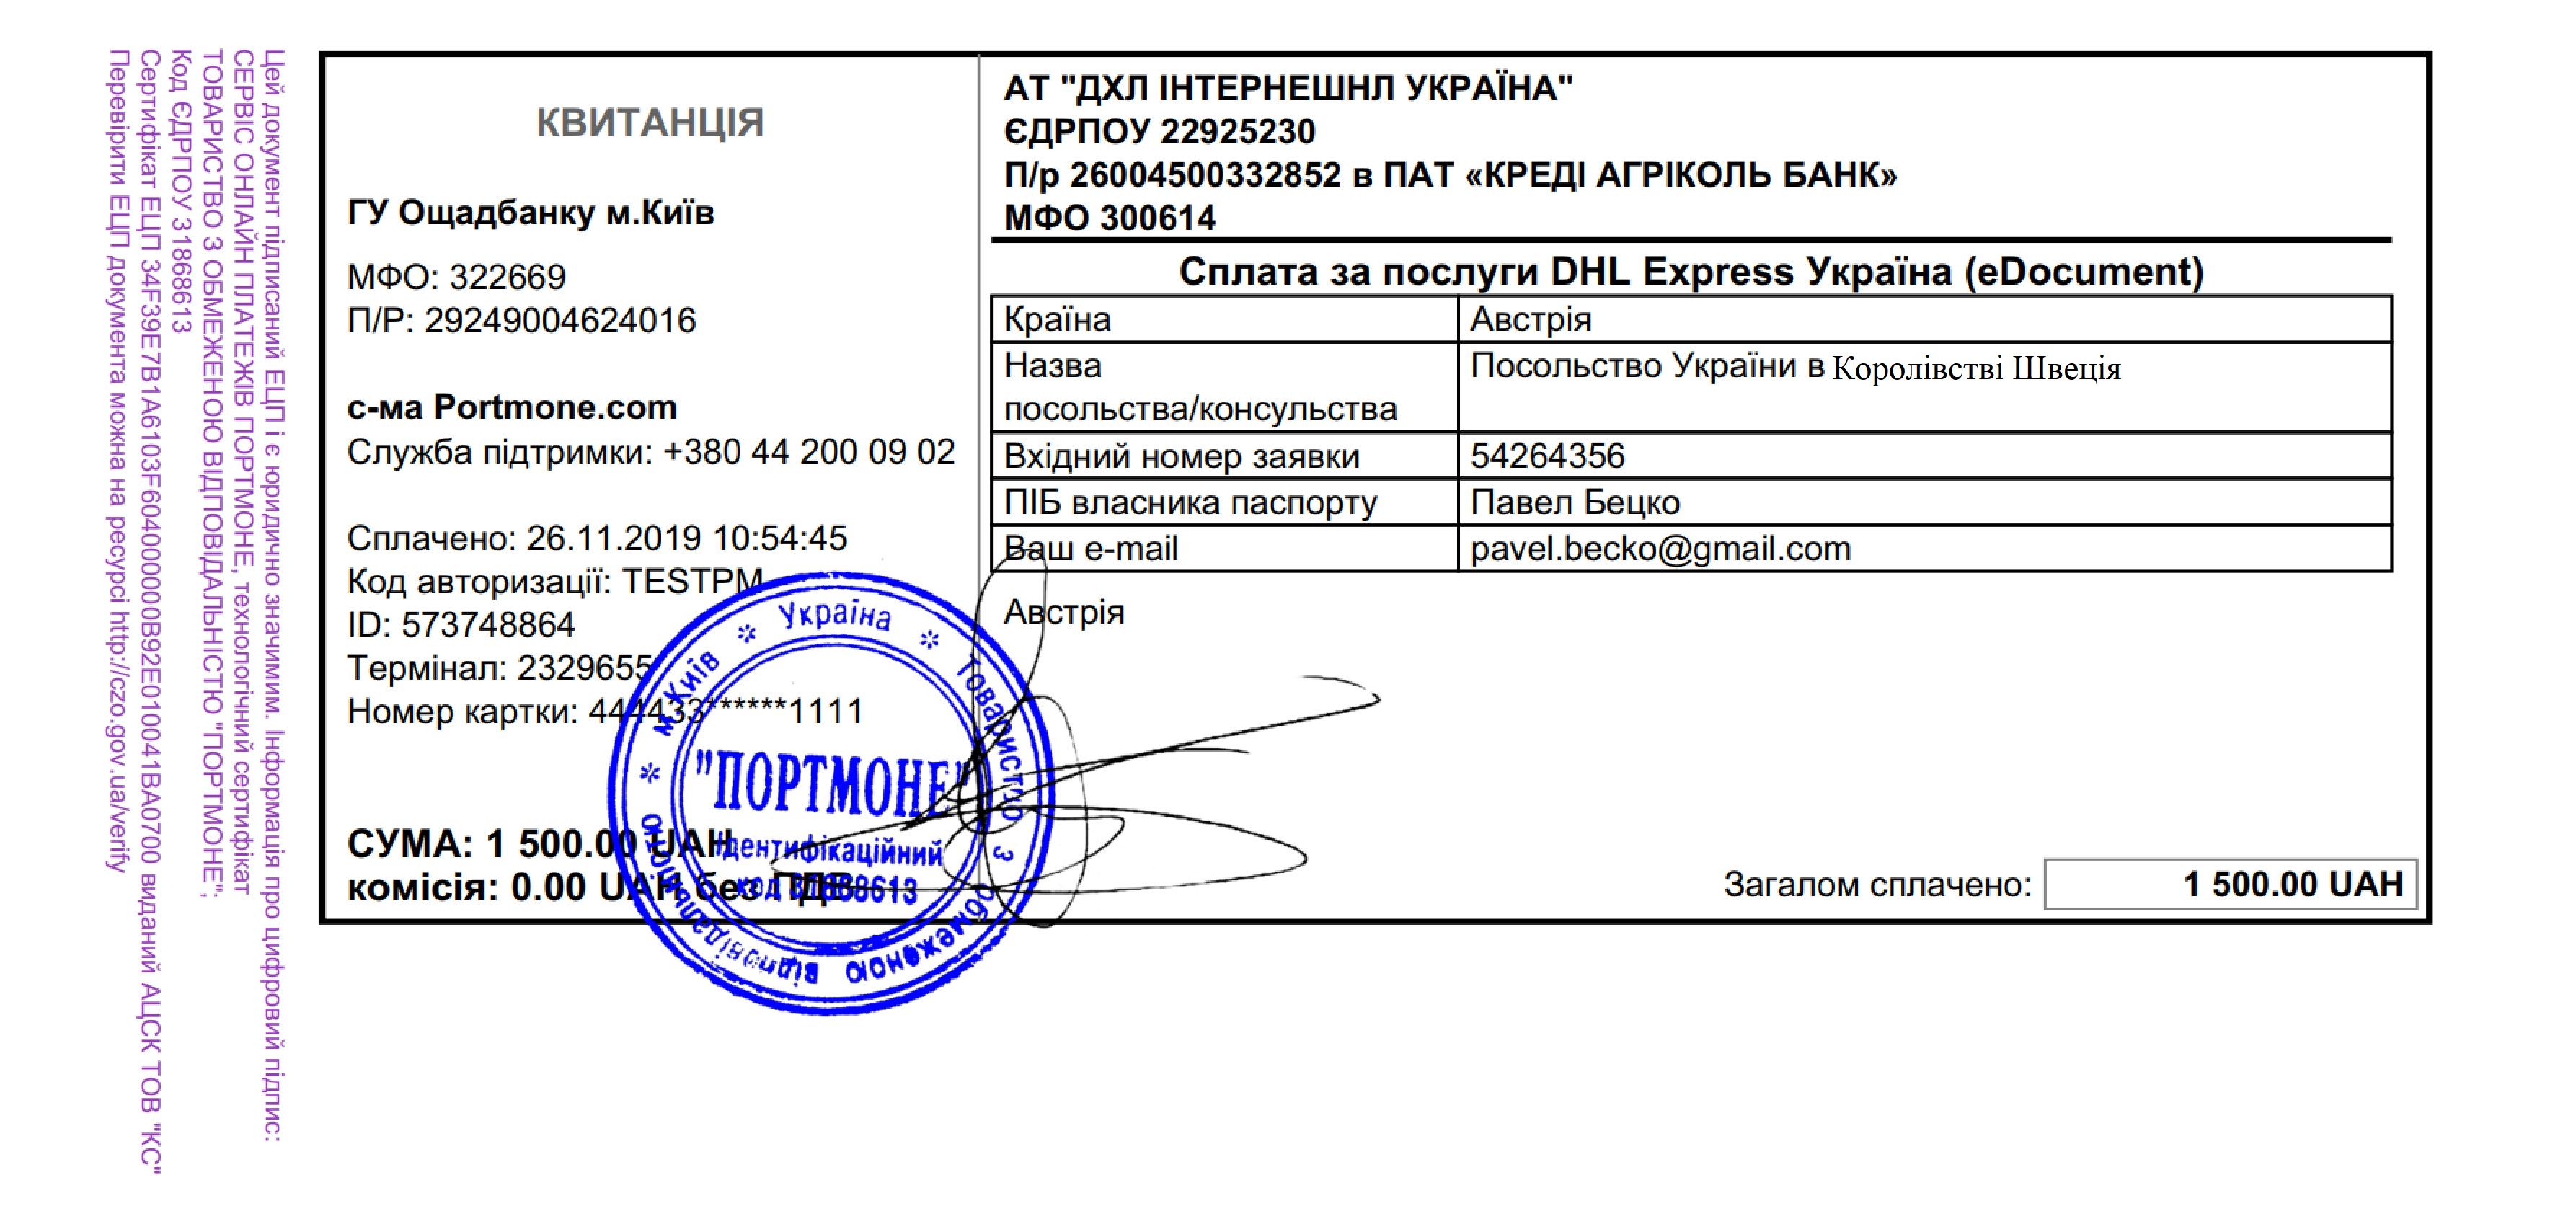 швеція - закордонний паспорт громадянина україни